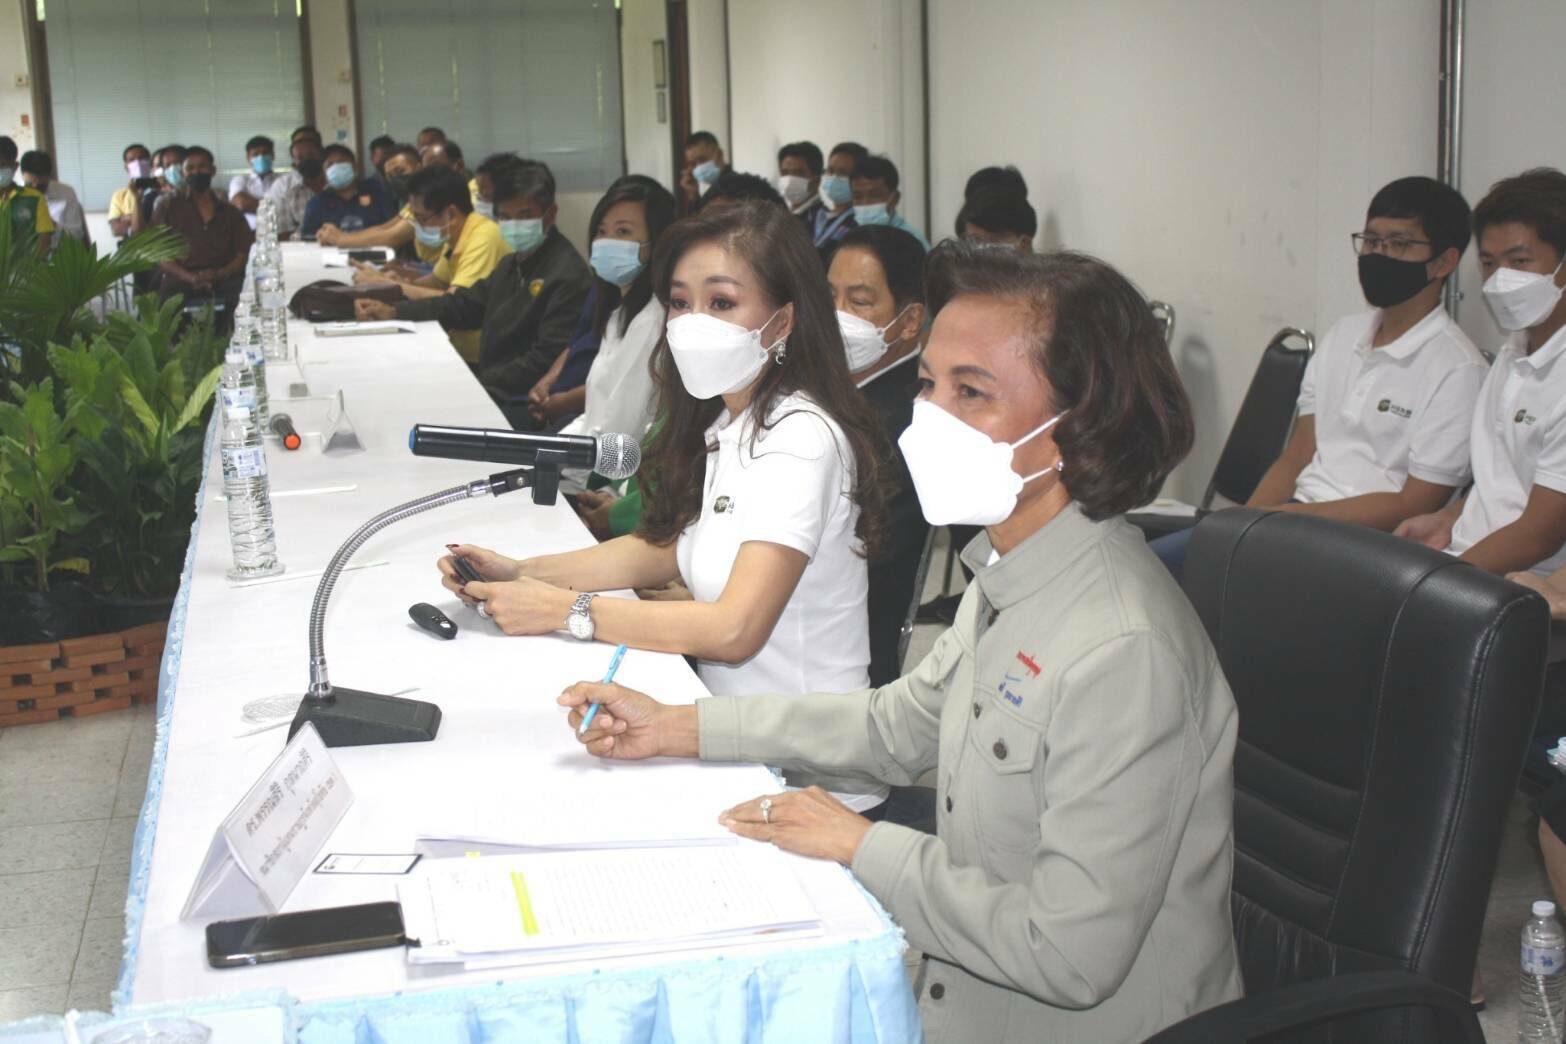 'ส.ส.สุโขทัย' ประชุมติดตามเงินชดเชยยาสูบ และขับเคลื่อนการปลูกพืชทดแทนกัญชง